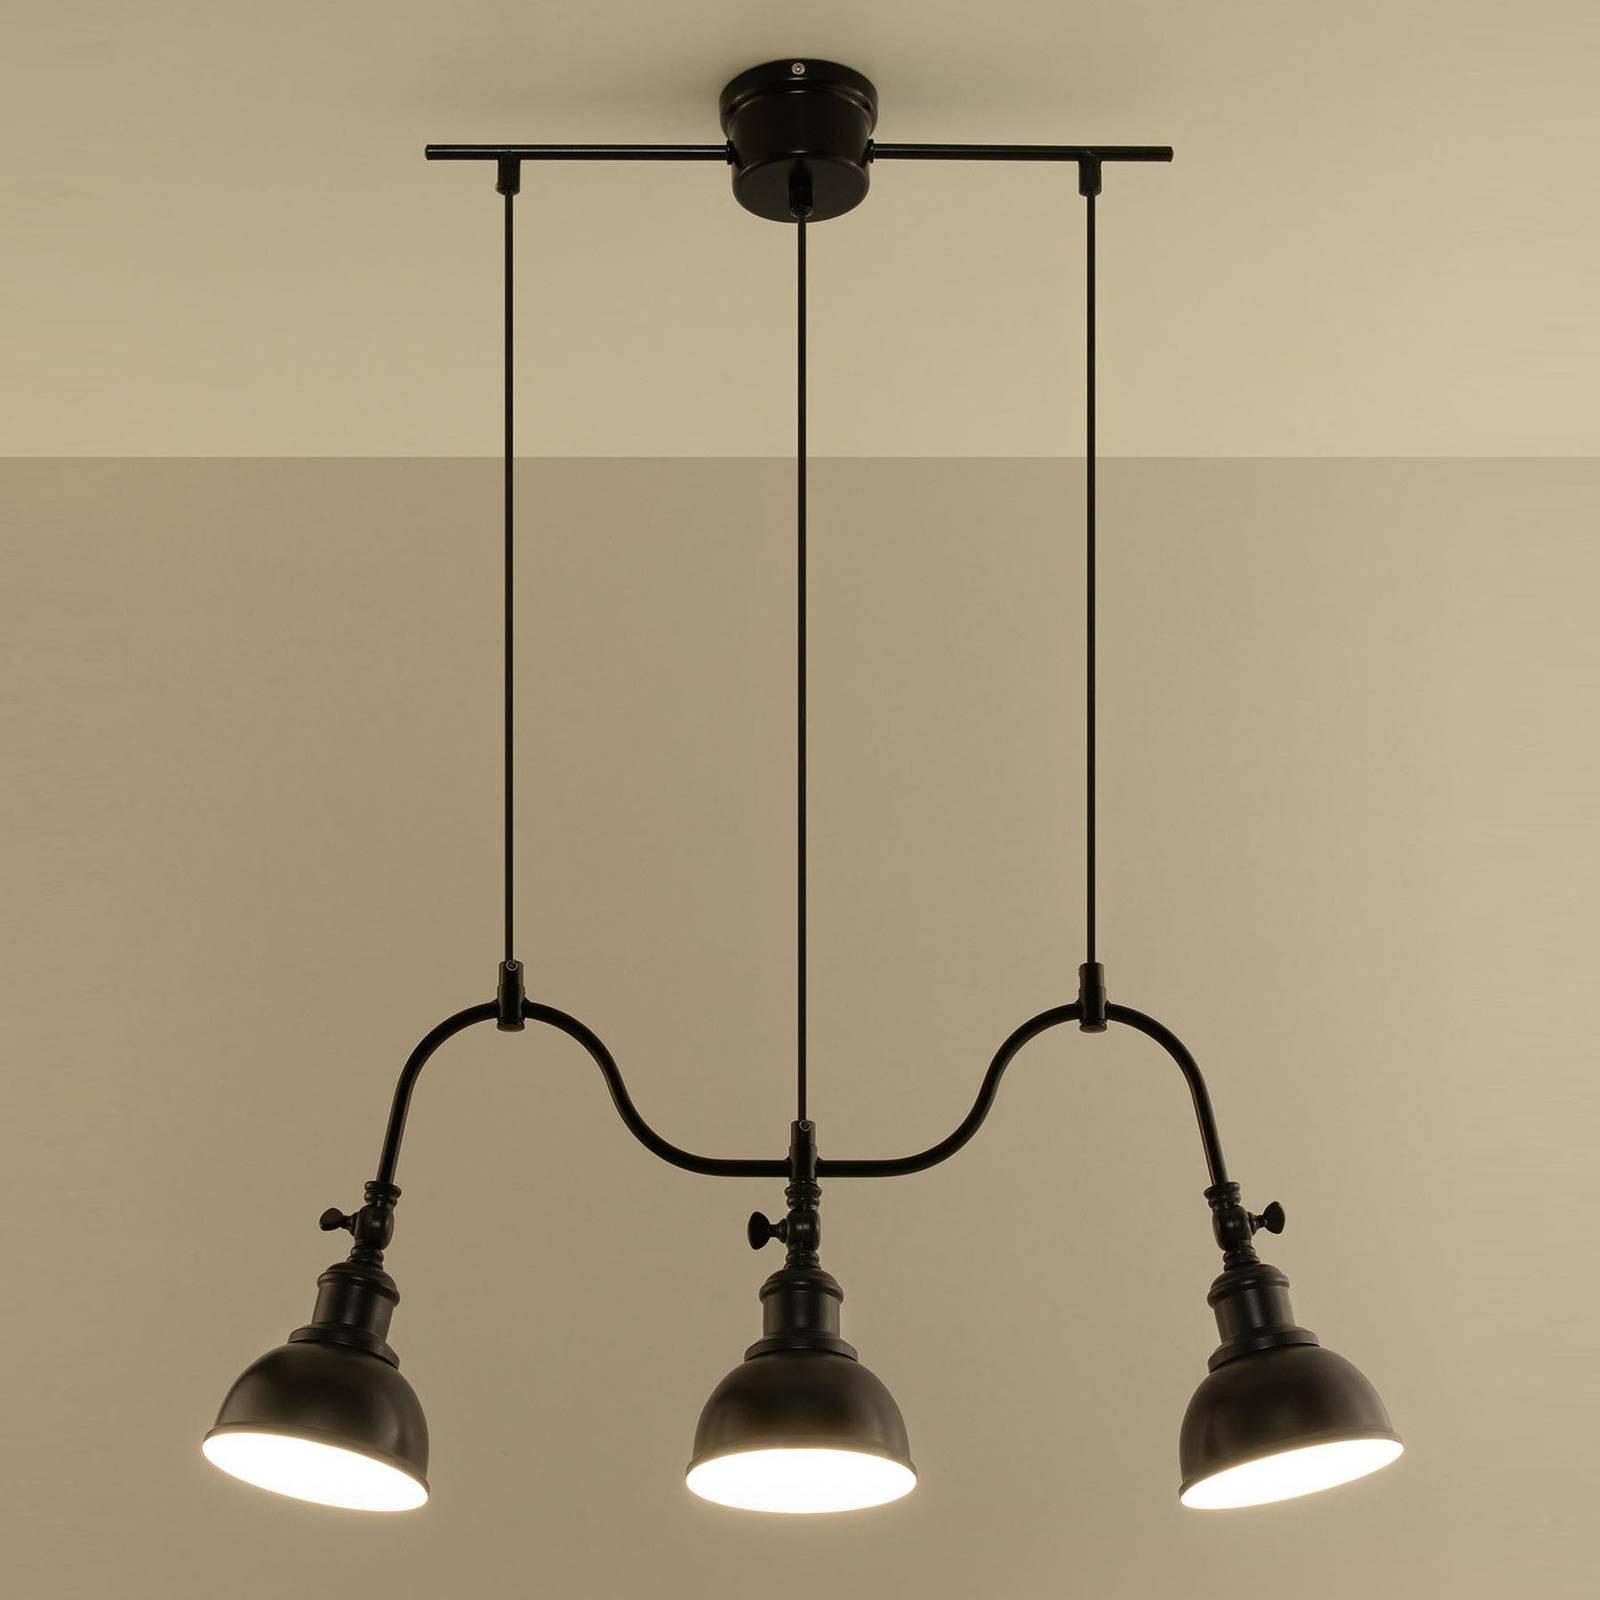 EULUNA Závěsné světlo Smak z černé oceli, tři zdroje